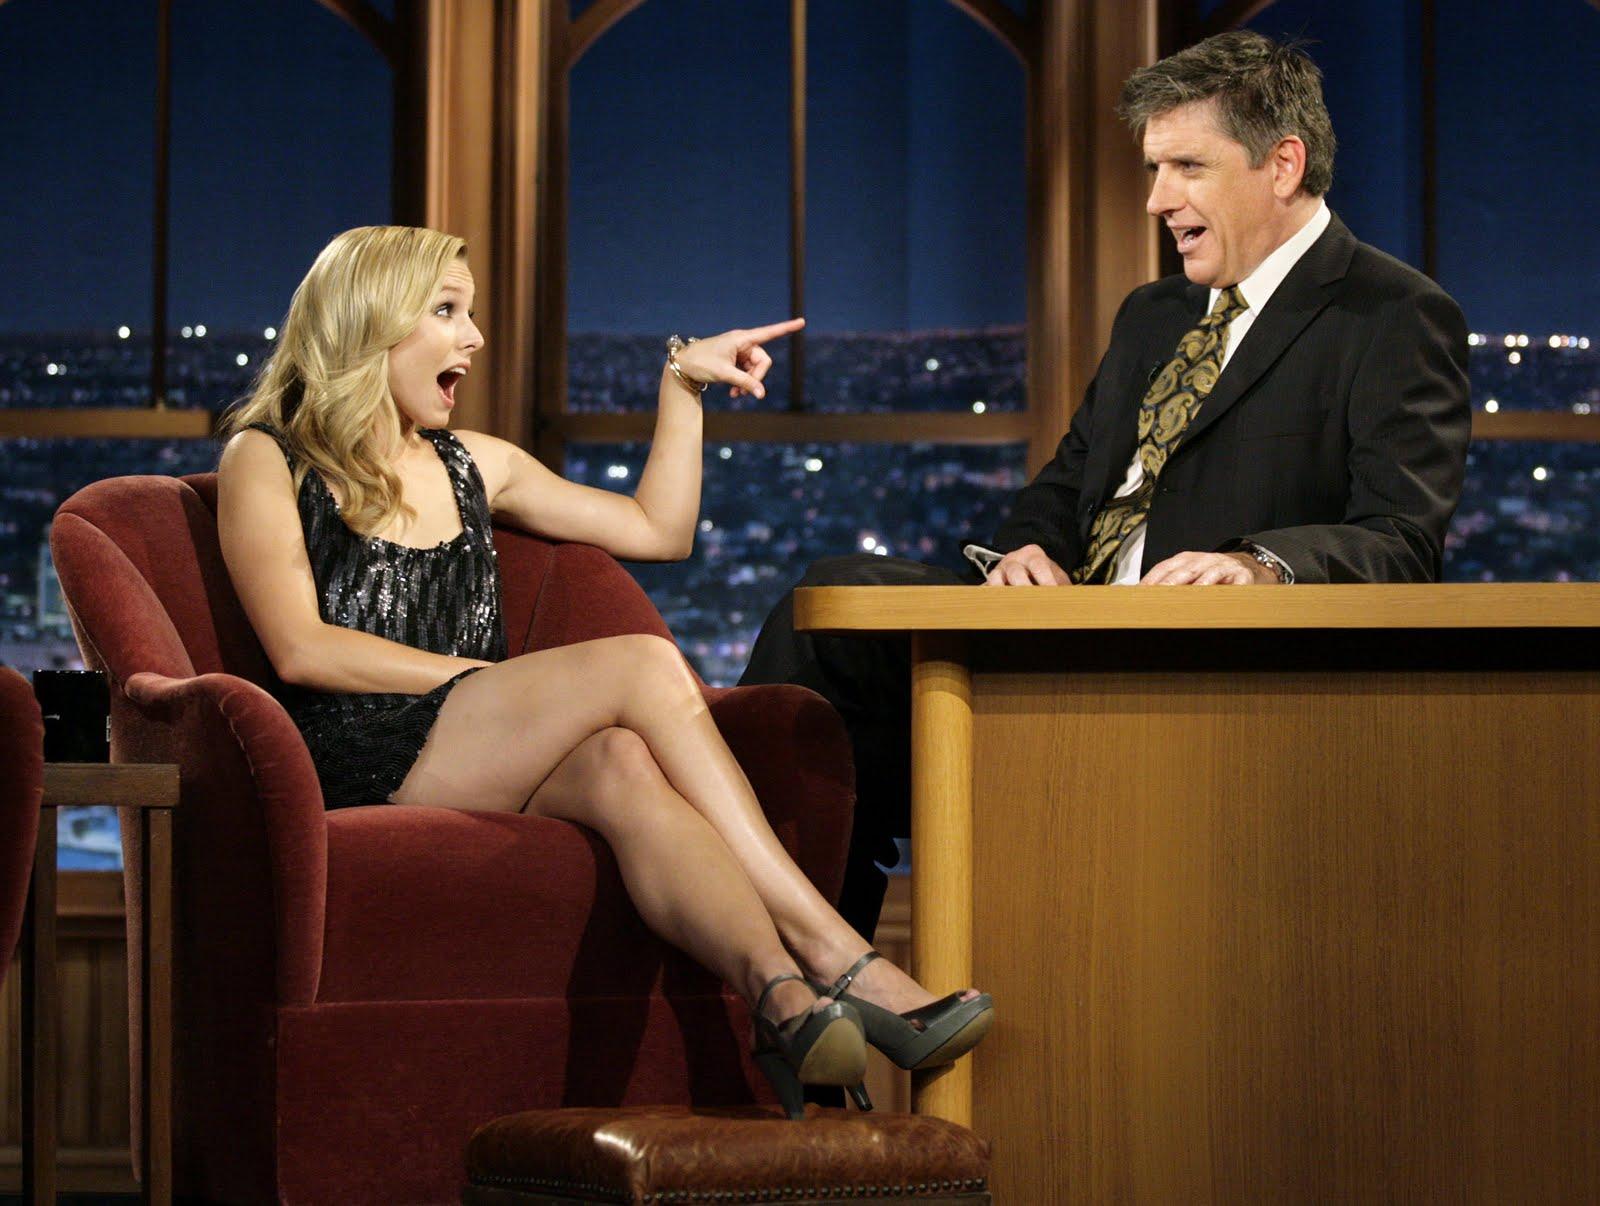 http://3.bp.blogspot.com/_te_-NCYOffc/TJL5EyY3BpI/AAAAAAAAC2M/gbmmpLkEW7s/s1600/Kristen_Bell_sexy_legs_1.jpg